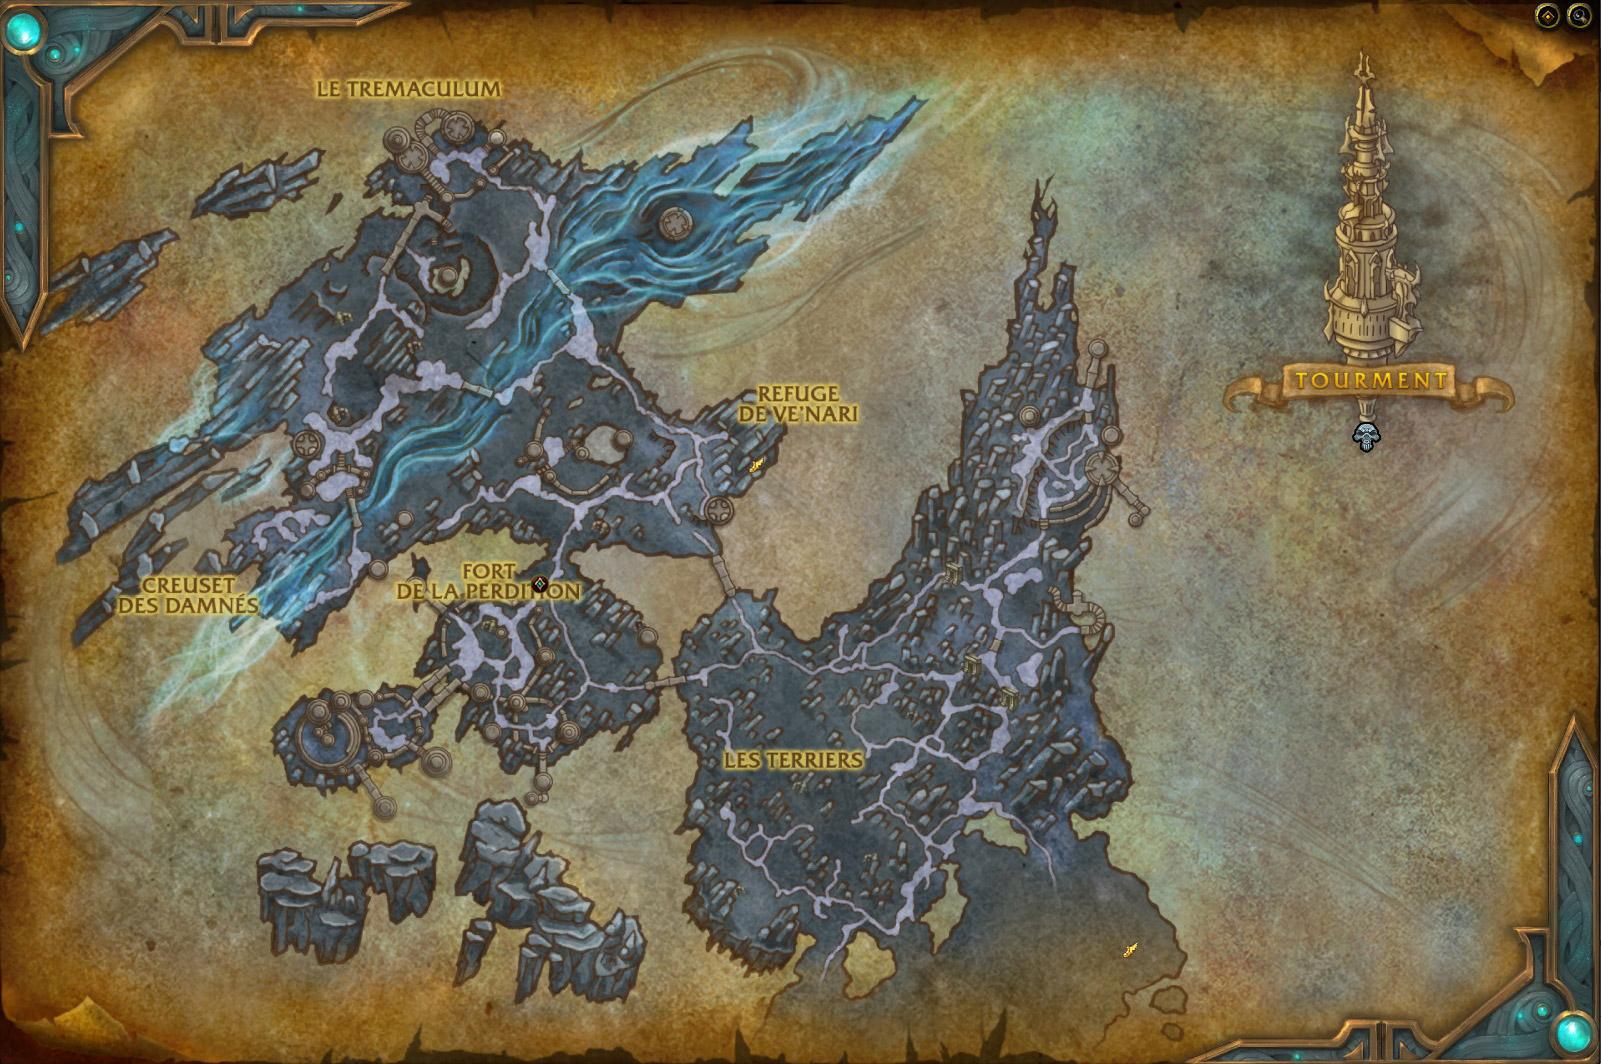 Carte de l'Antre dans la version 9.1 de WoW